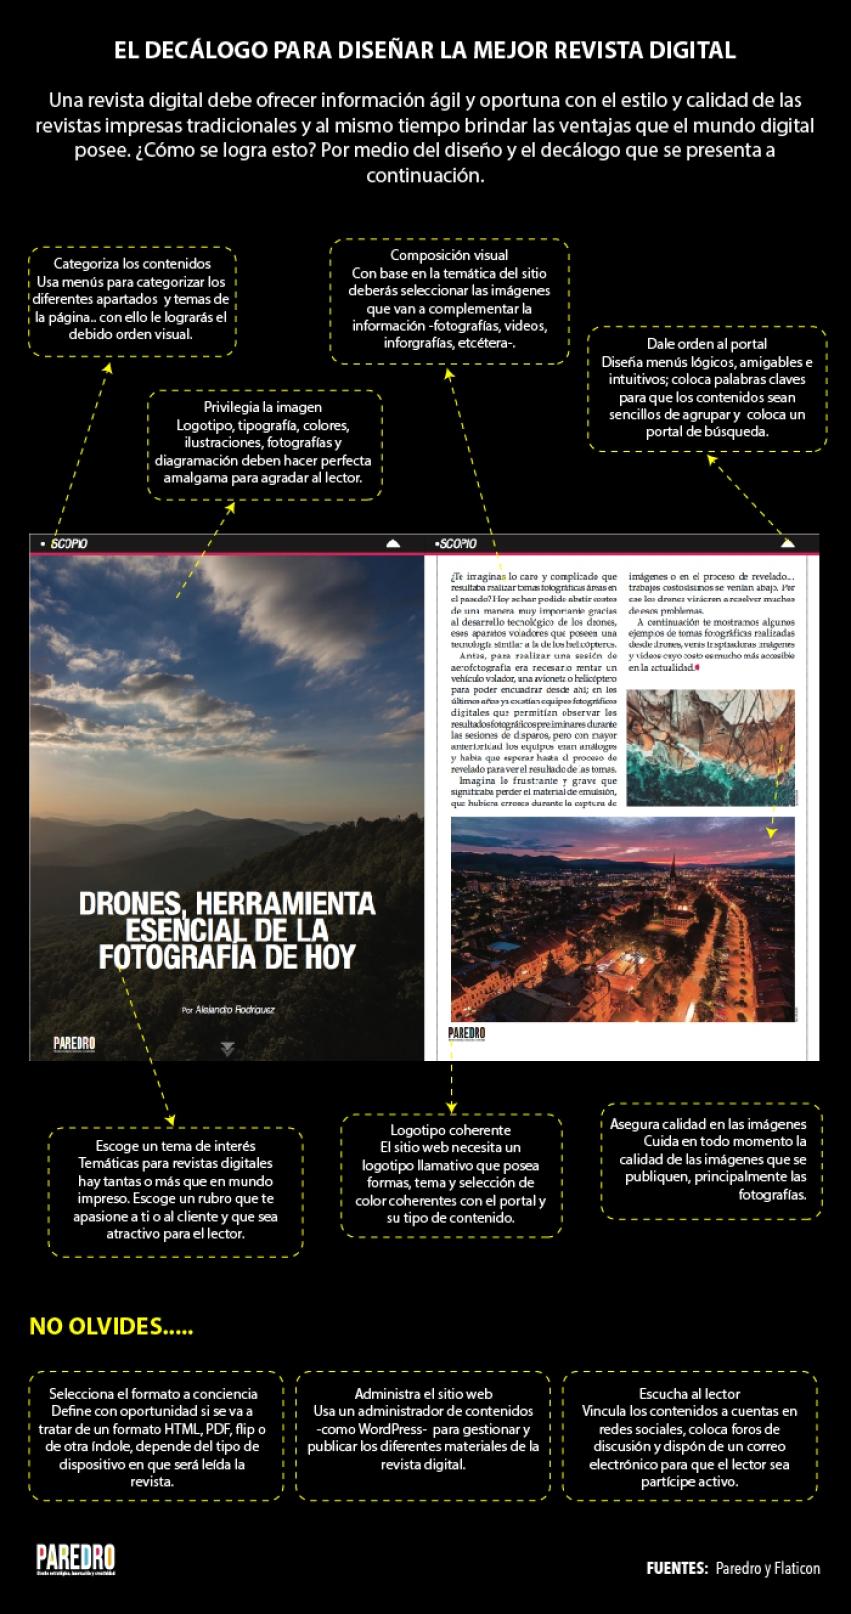 Decálogo para diseñar la mejor revista digital